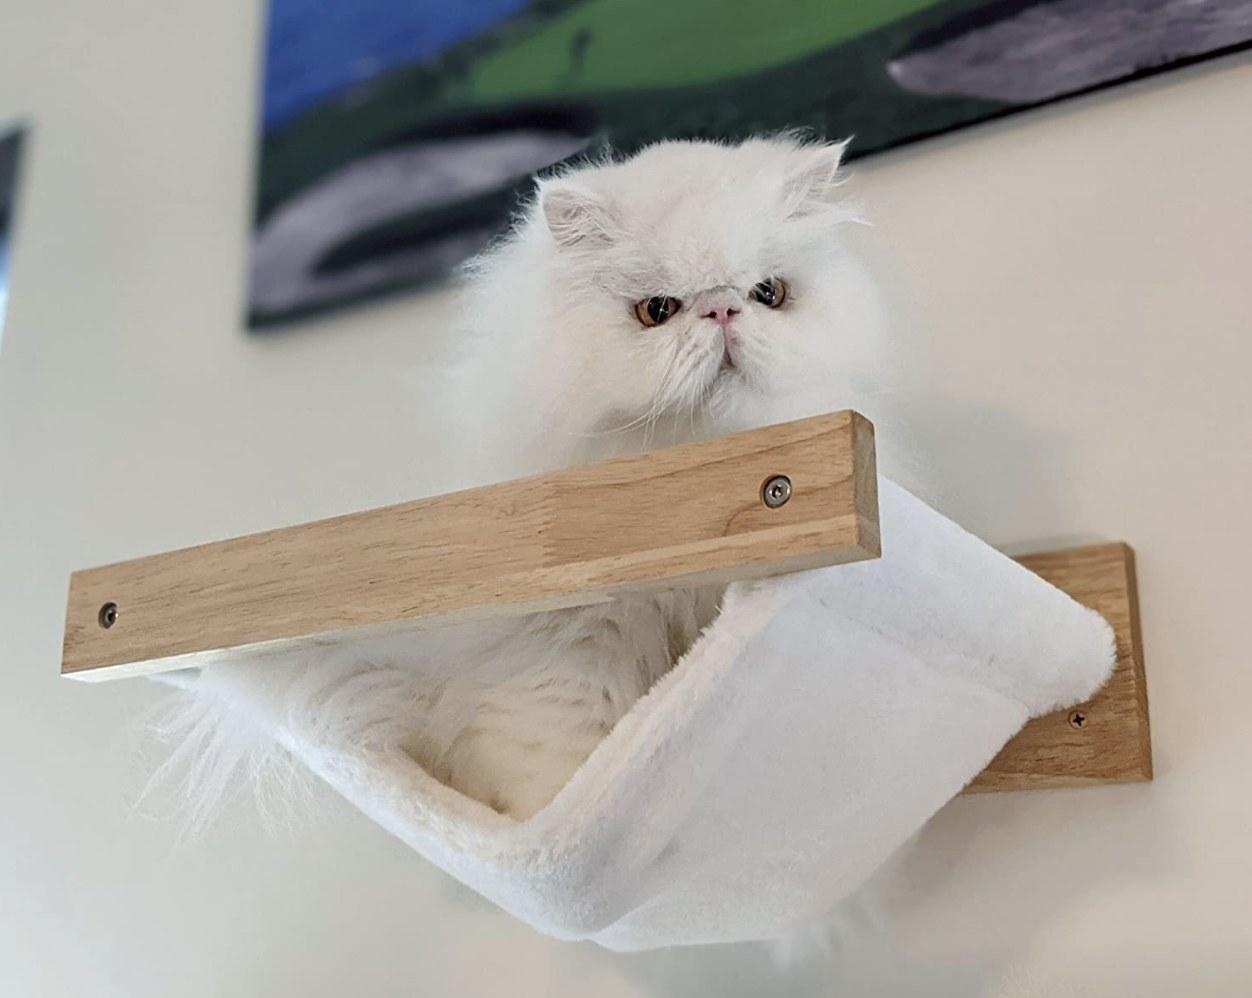 A cat on a hammock